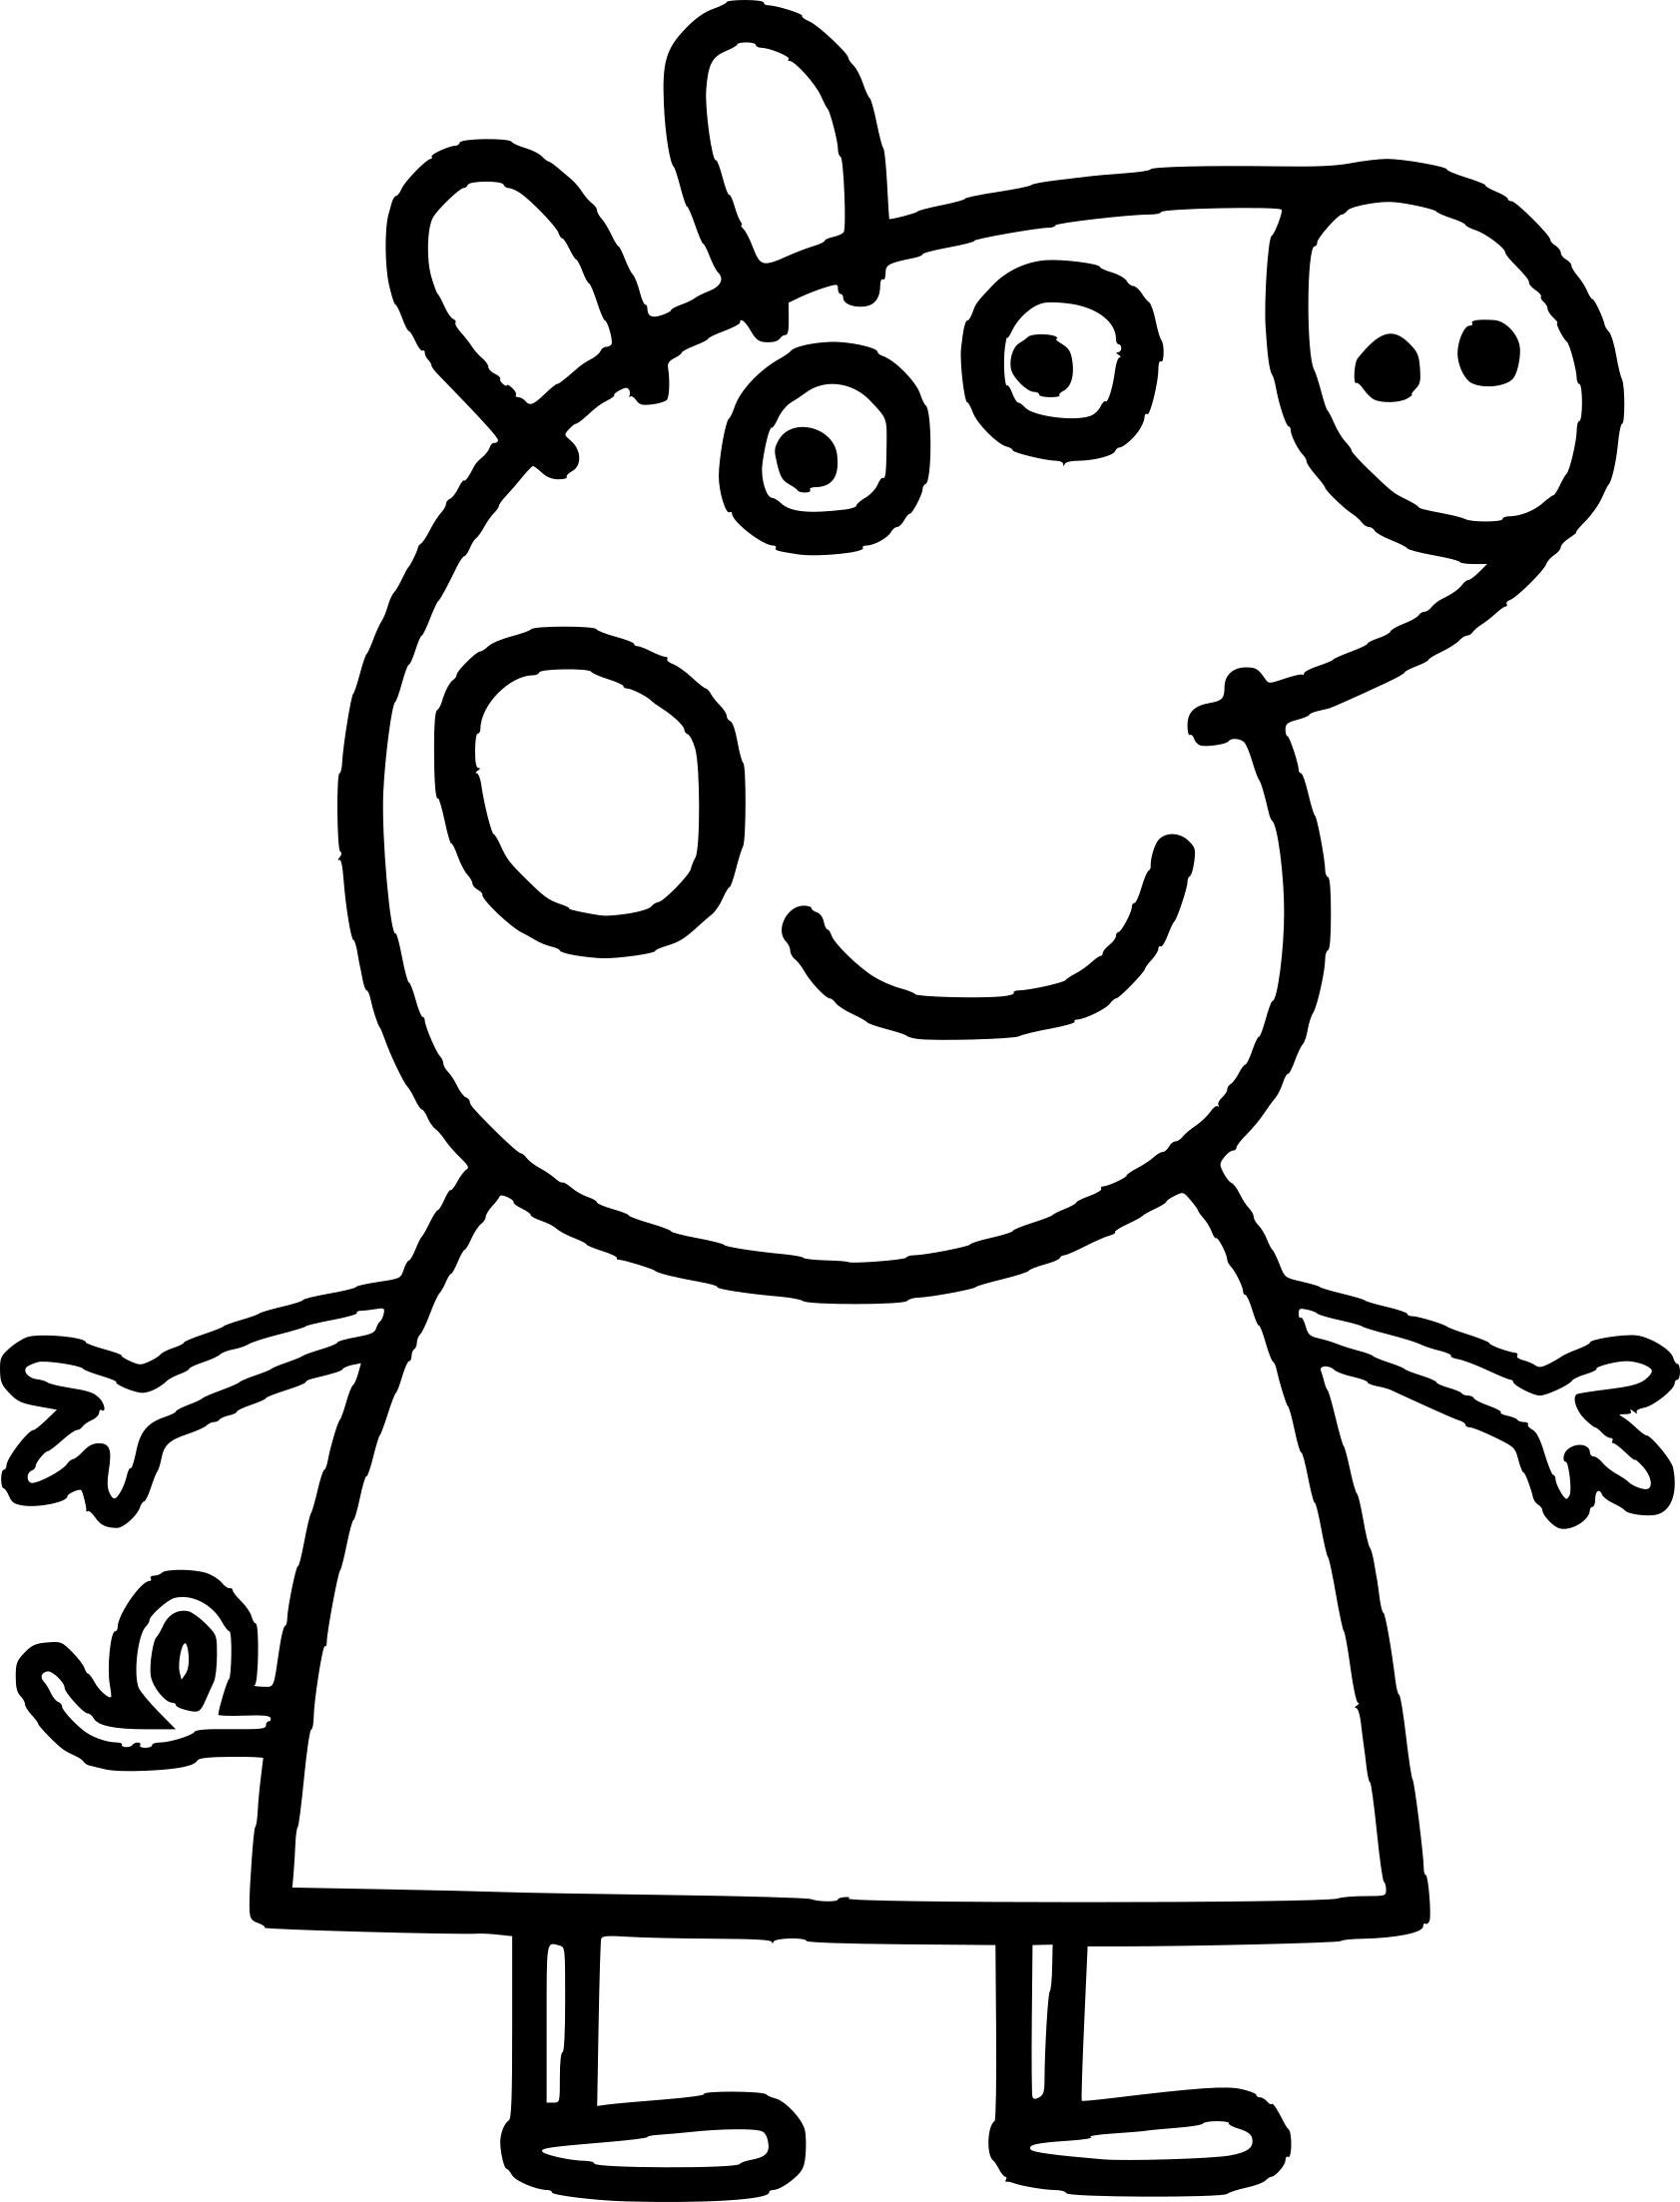 Coloriage Peppa Cochon À Imprimer Sur Coloriages avec Peppa Pig A Colorier